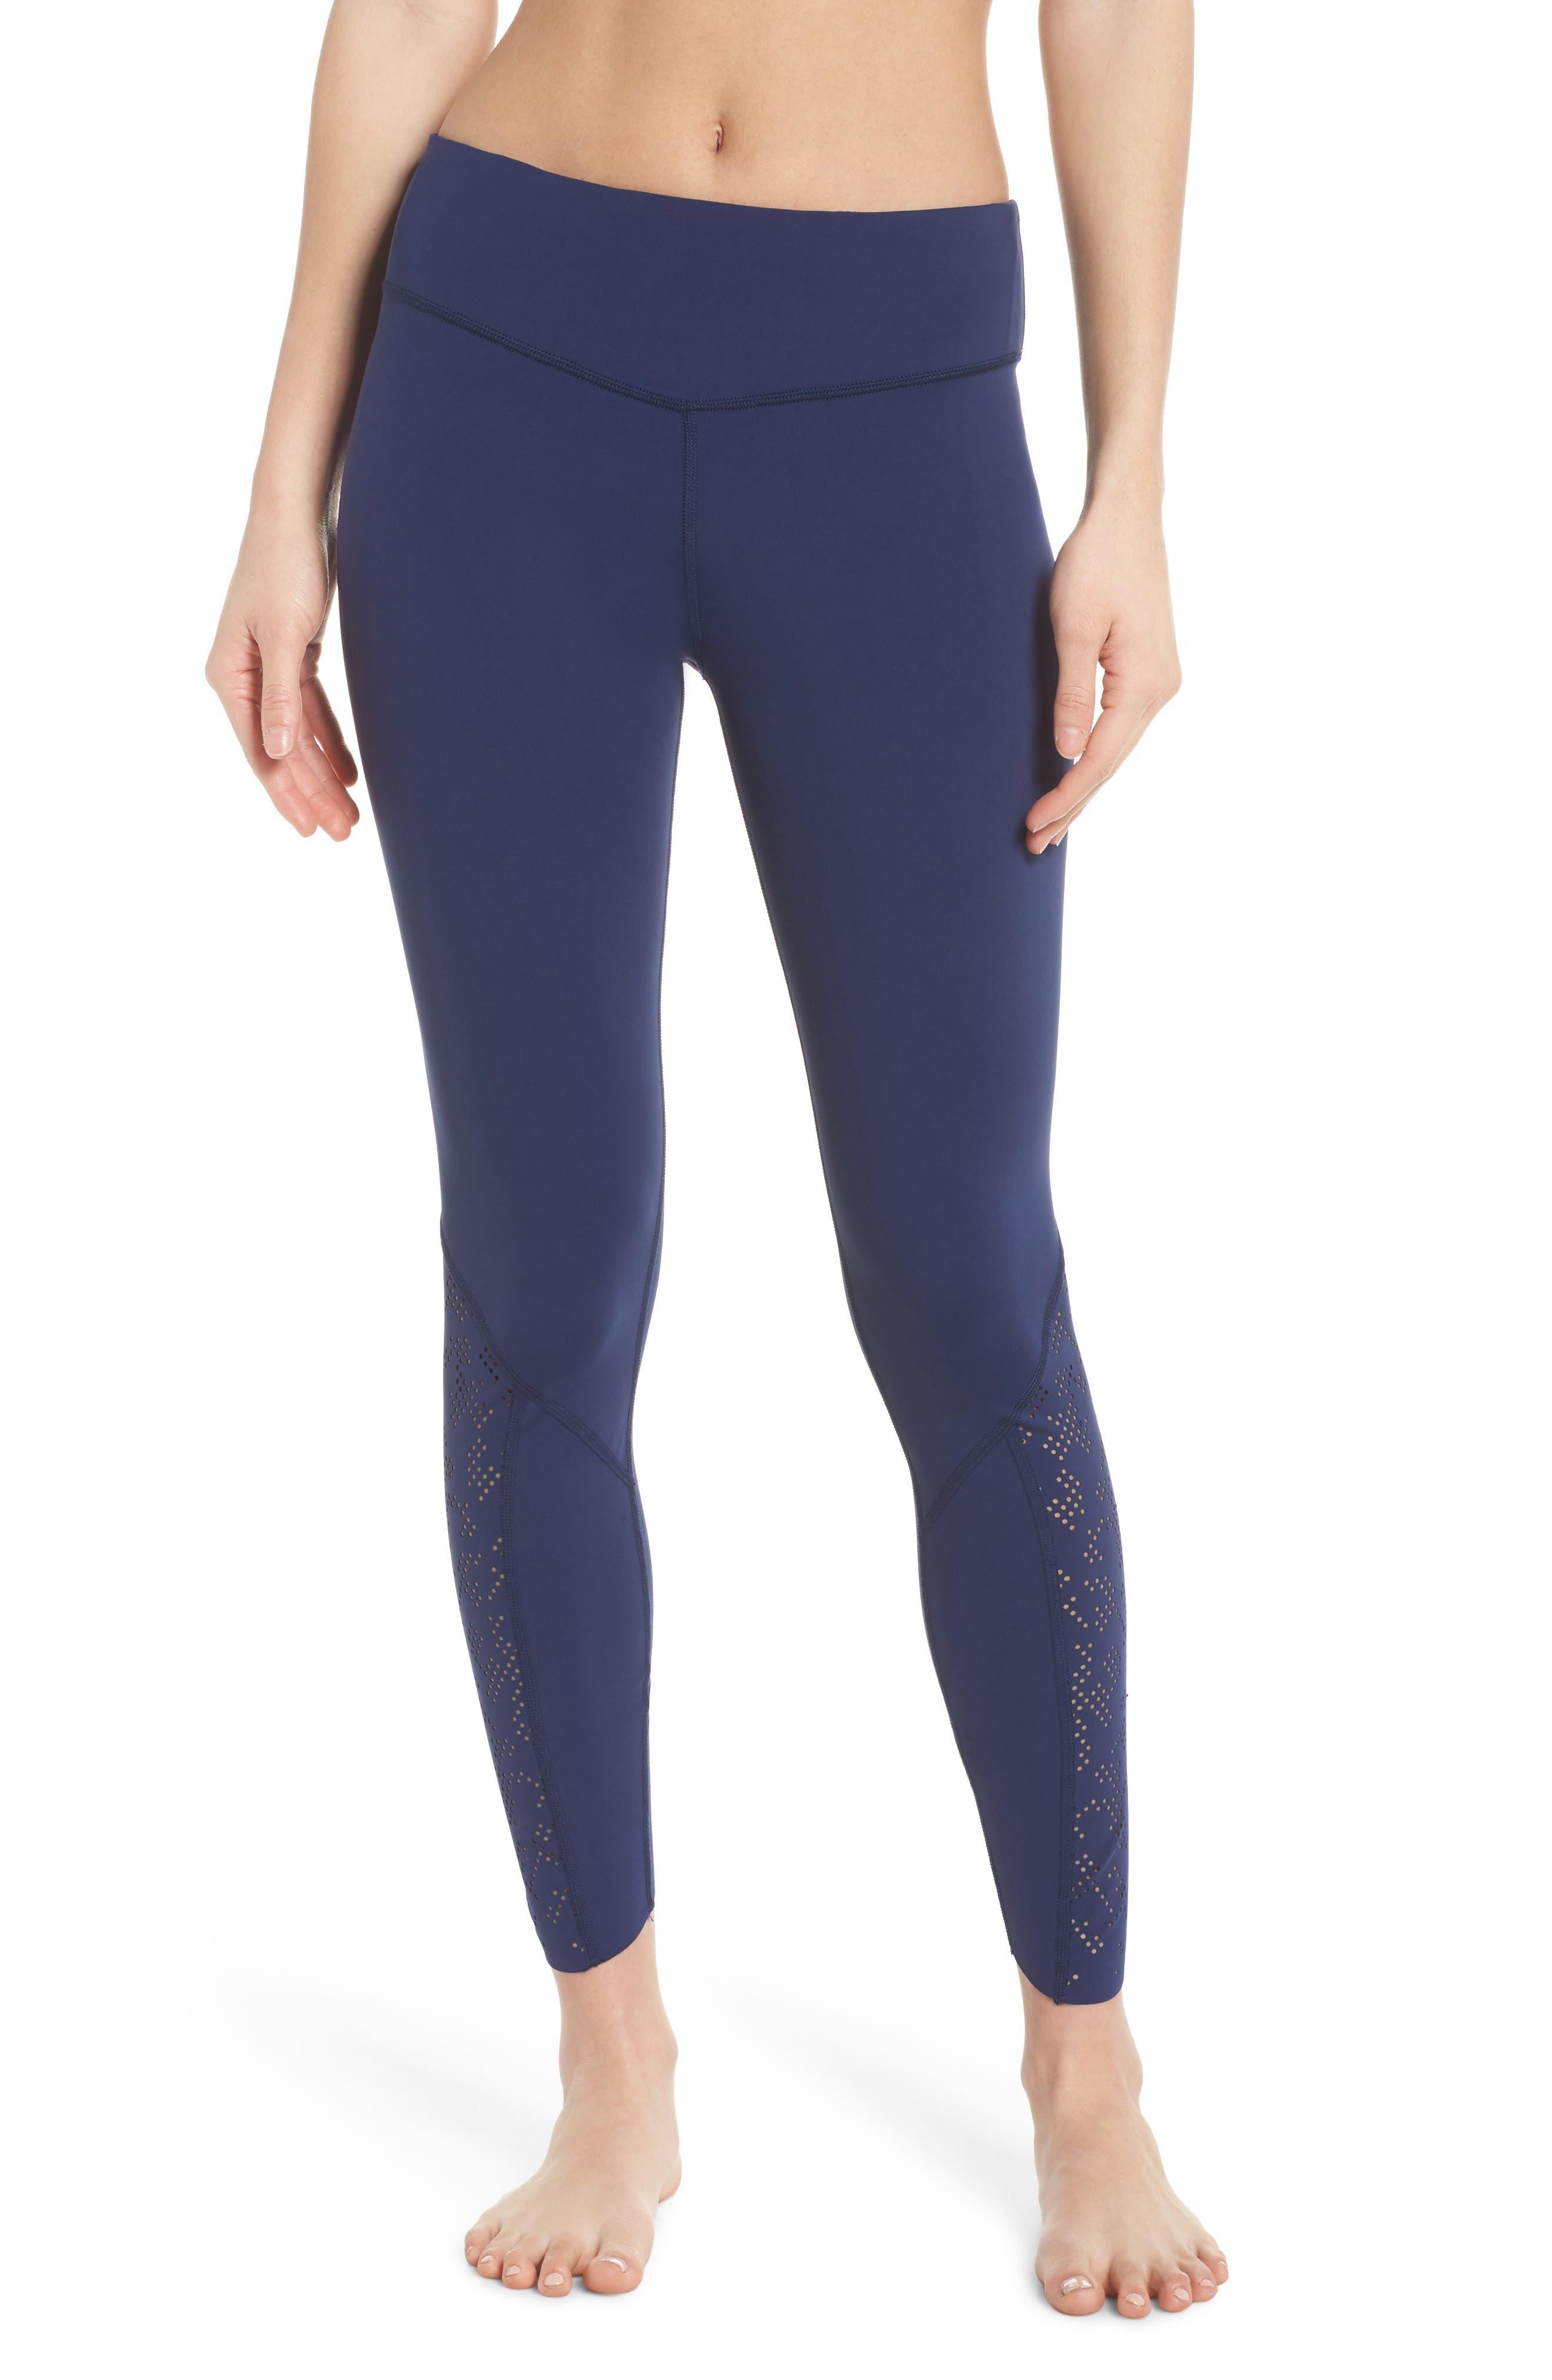 Doran 7/8 Tights,                         Main,                         color, Medieval Blue